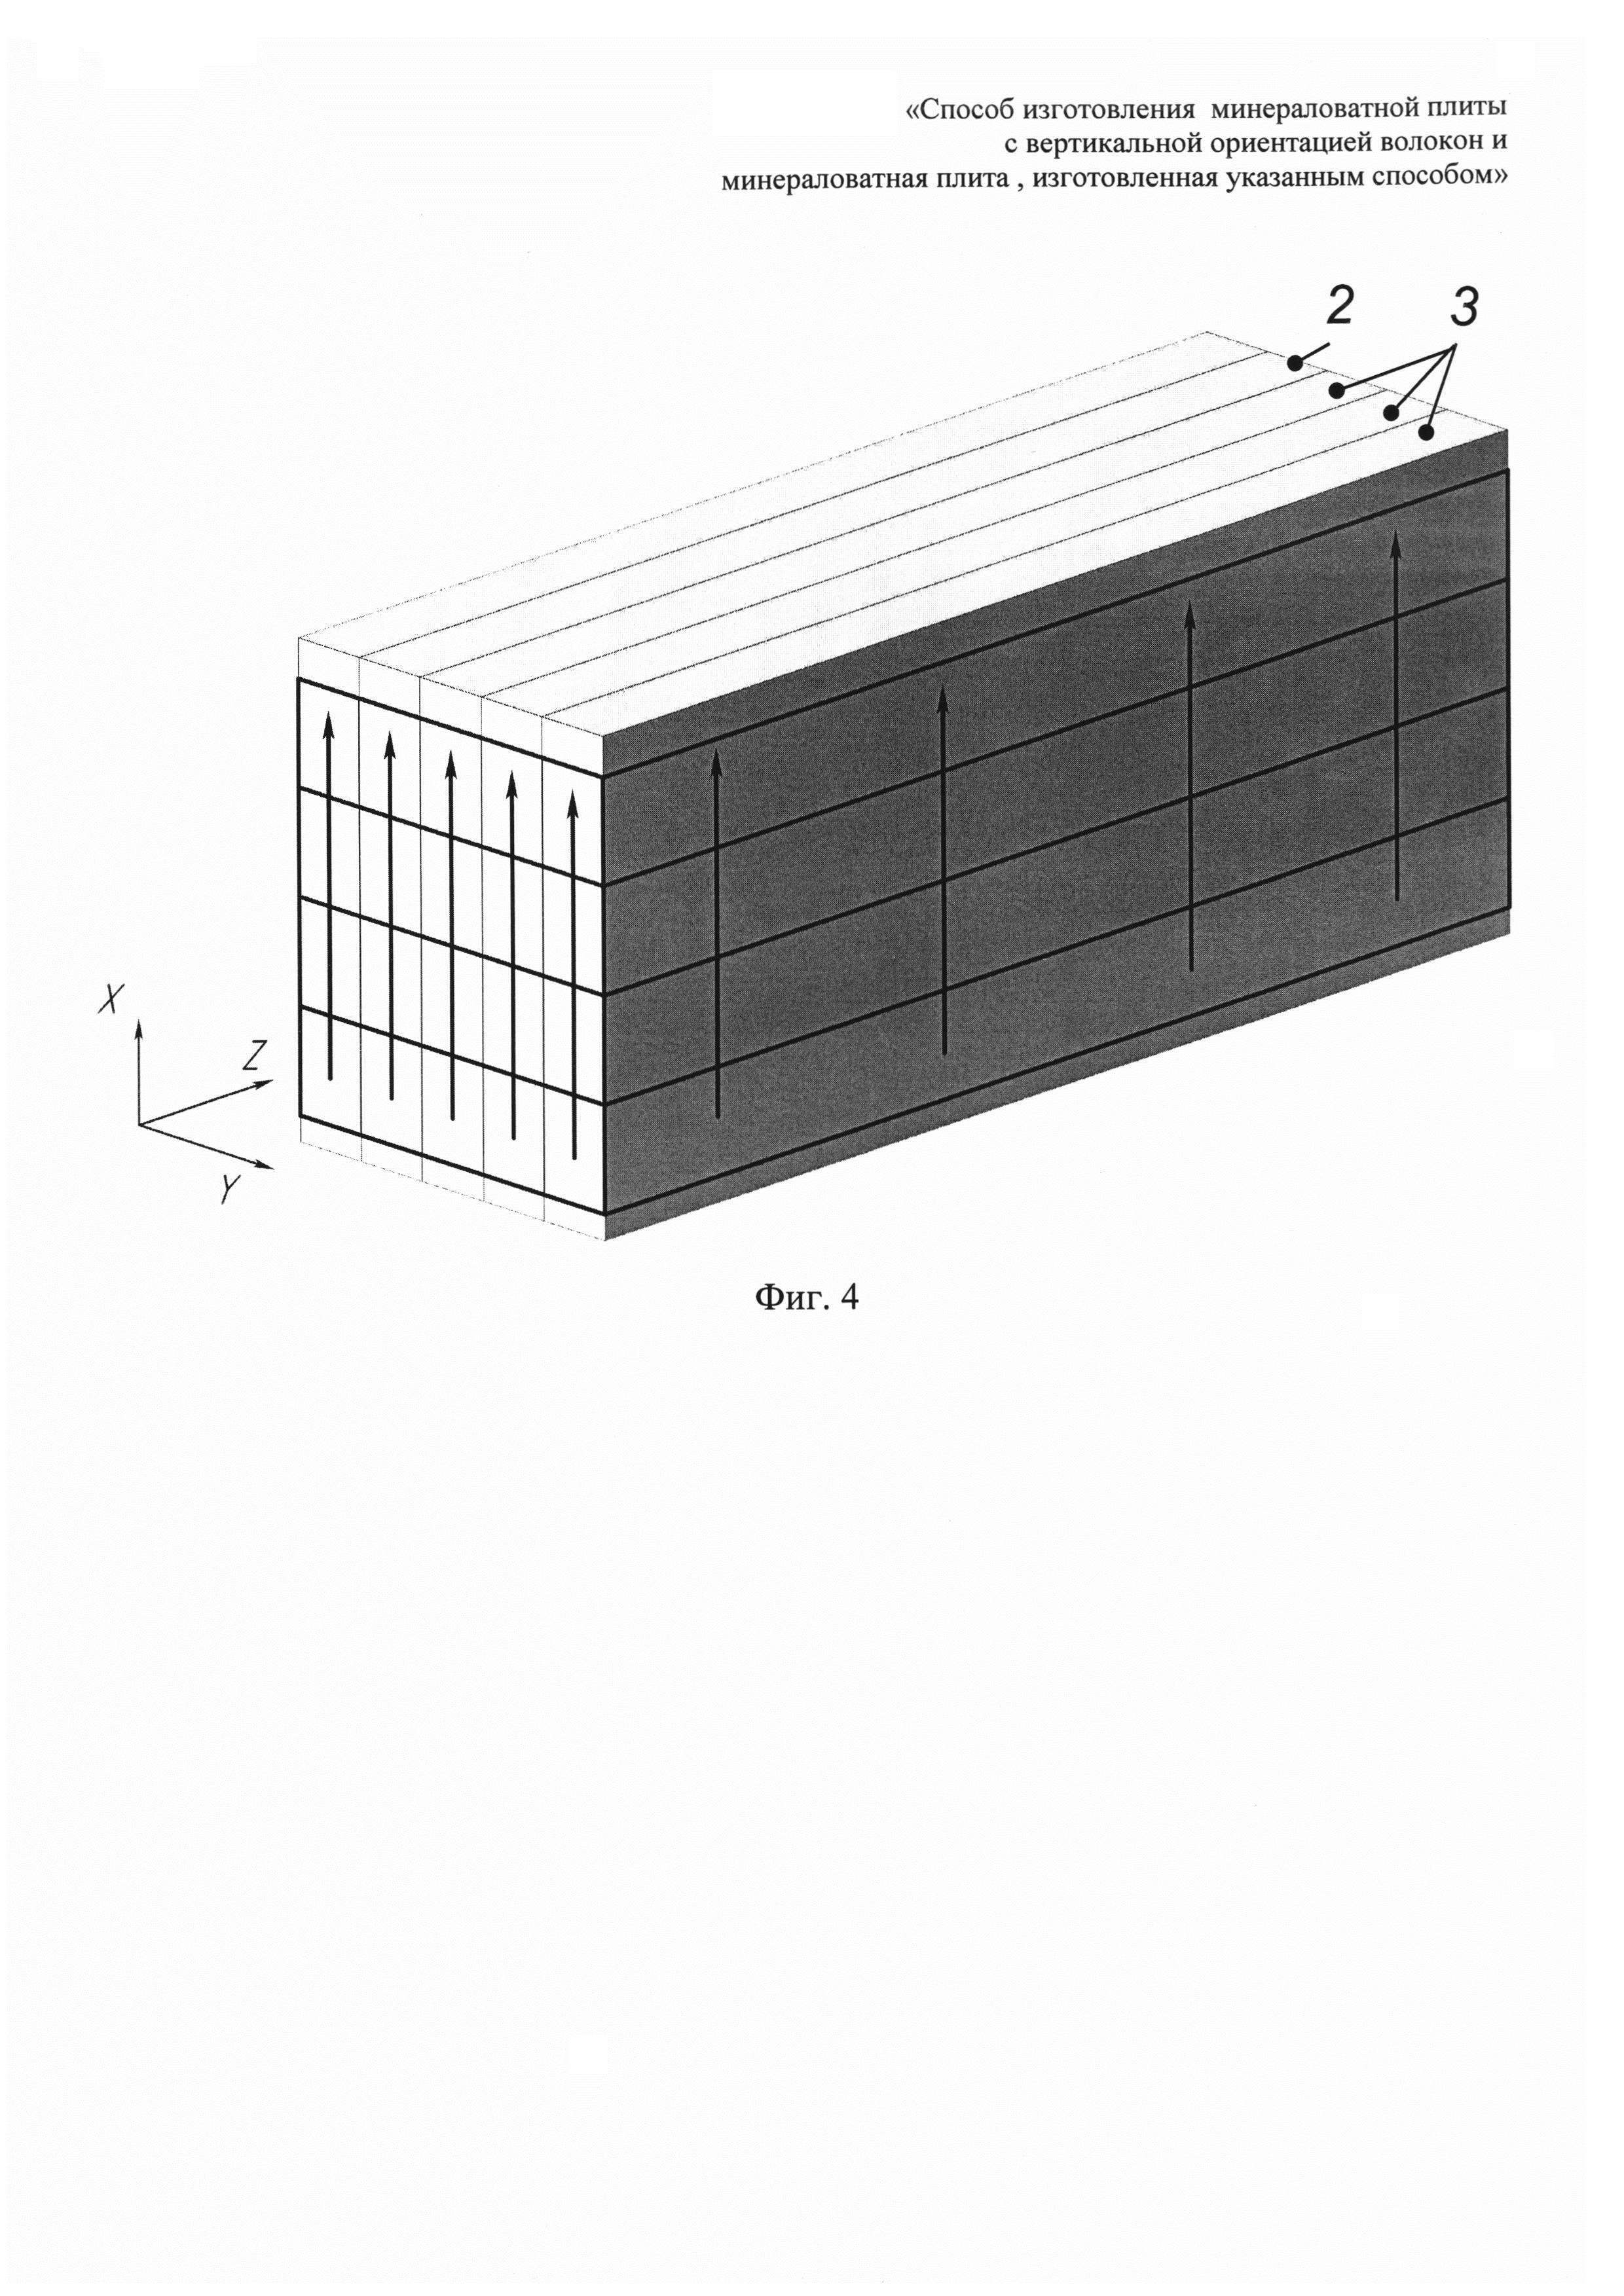 Способ изготовления минераловатной плиты с вертикальной ориентацией волокон и минераловатная плита, изготовленная указанным способом